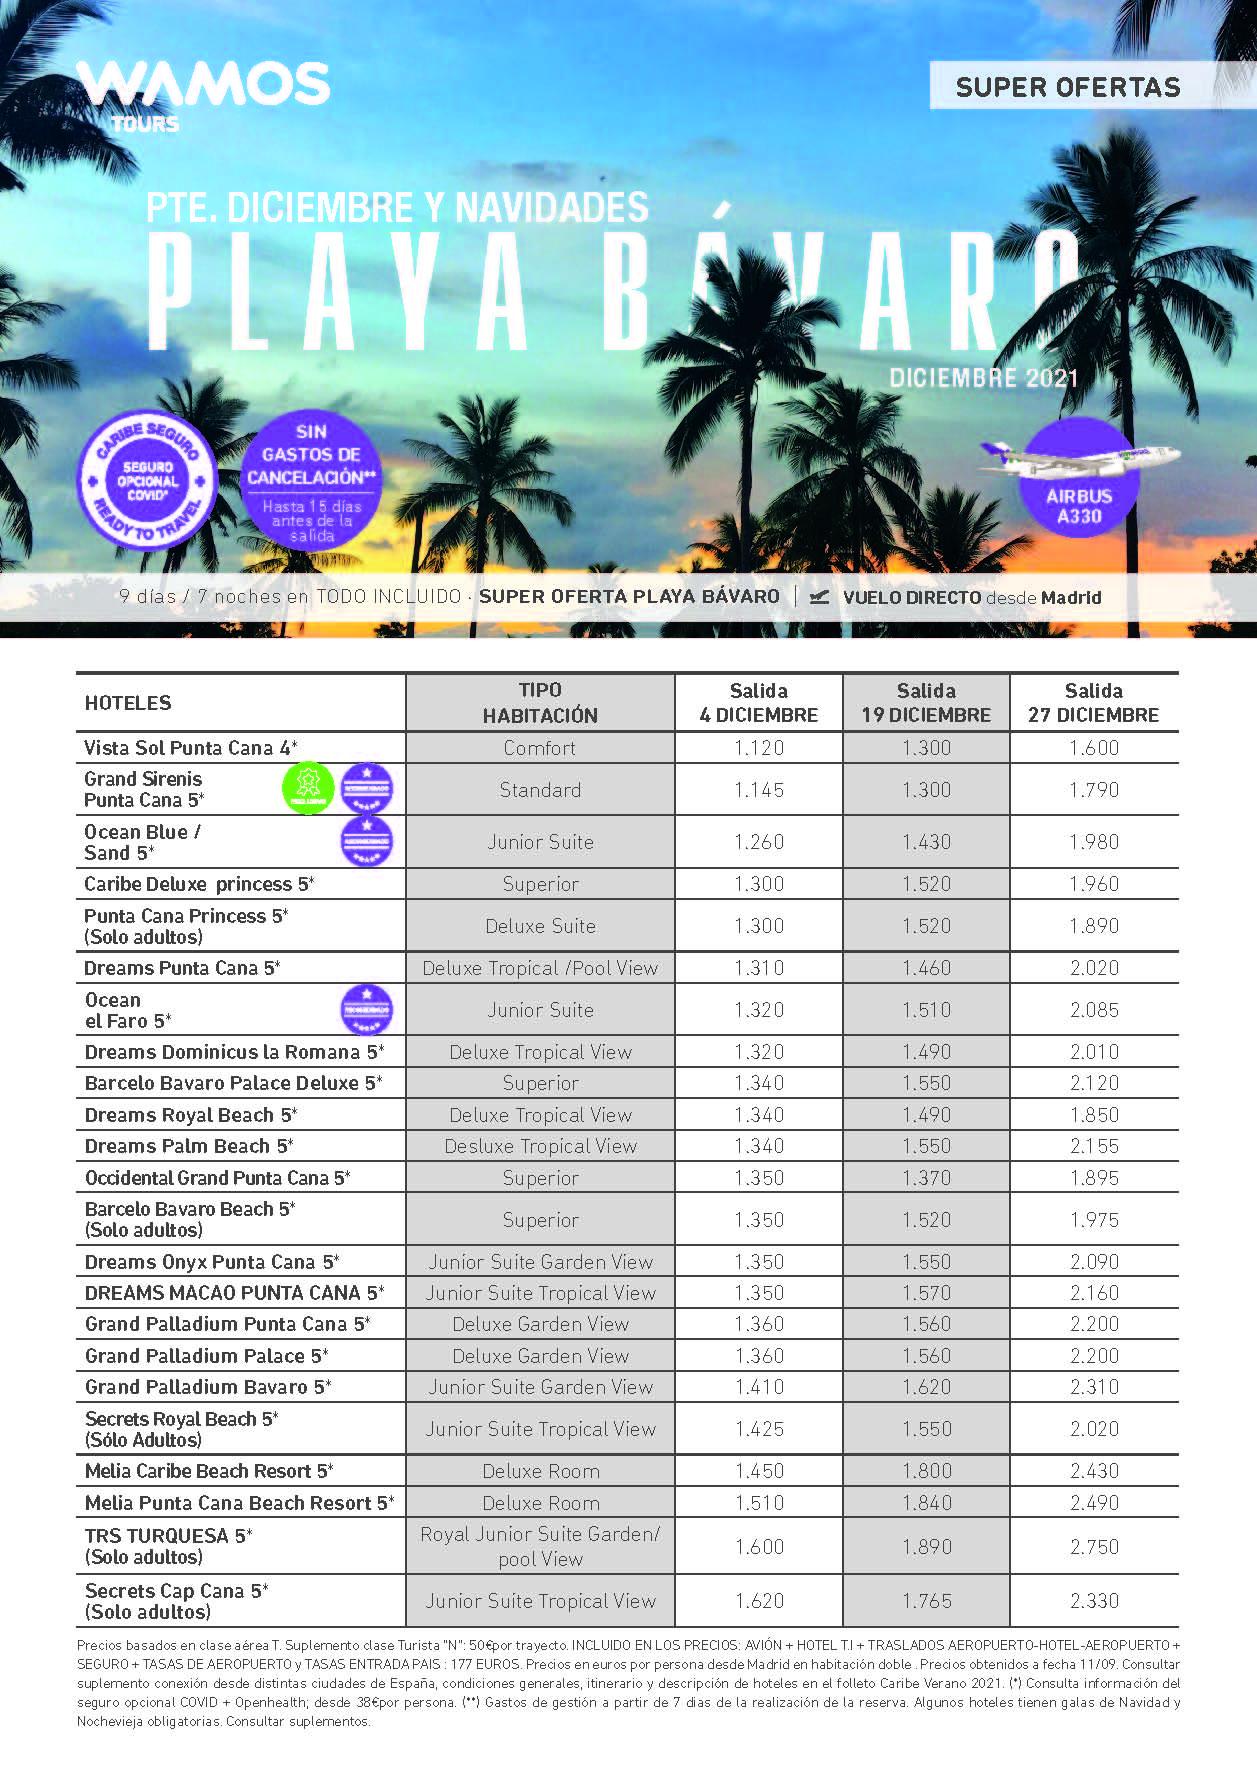 Ofertas Wamos Tours Playa Bavaro Punta Cana Puente de Diciembre Navidad y Fin de Ano 2021 salidas desde Madrid